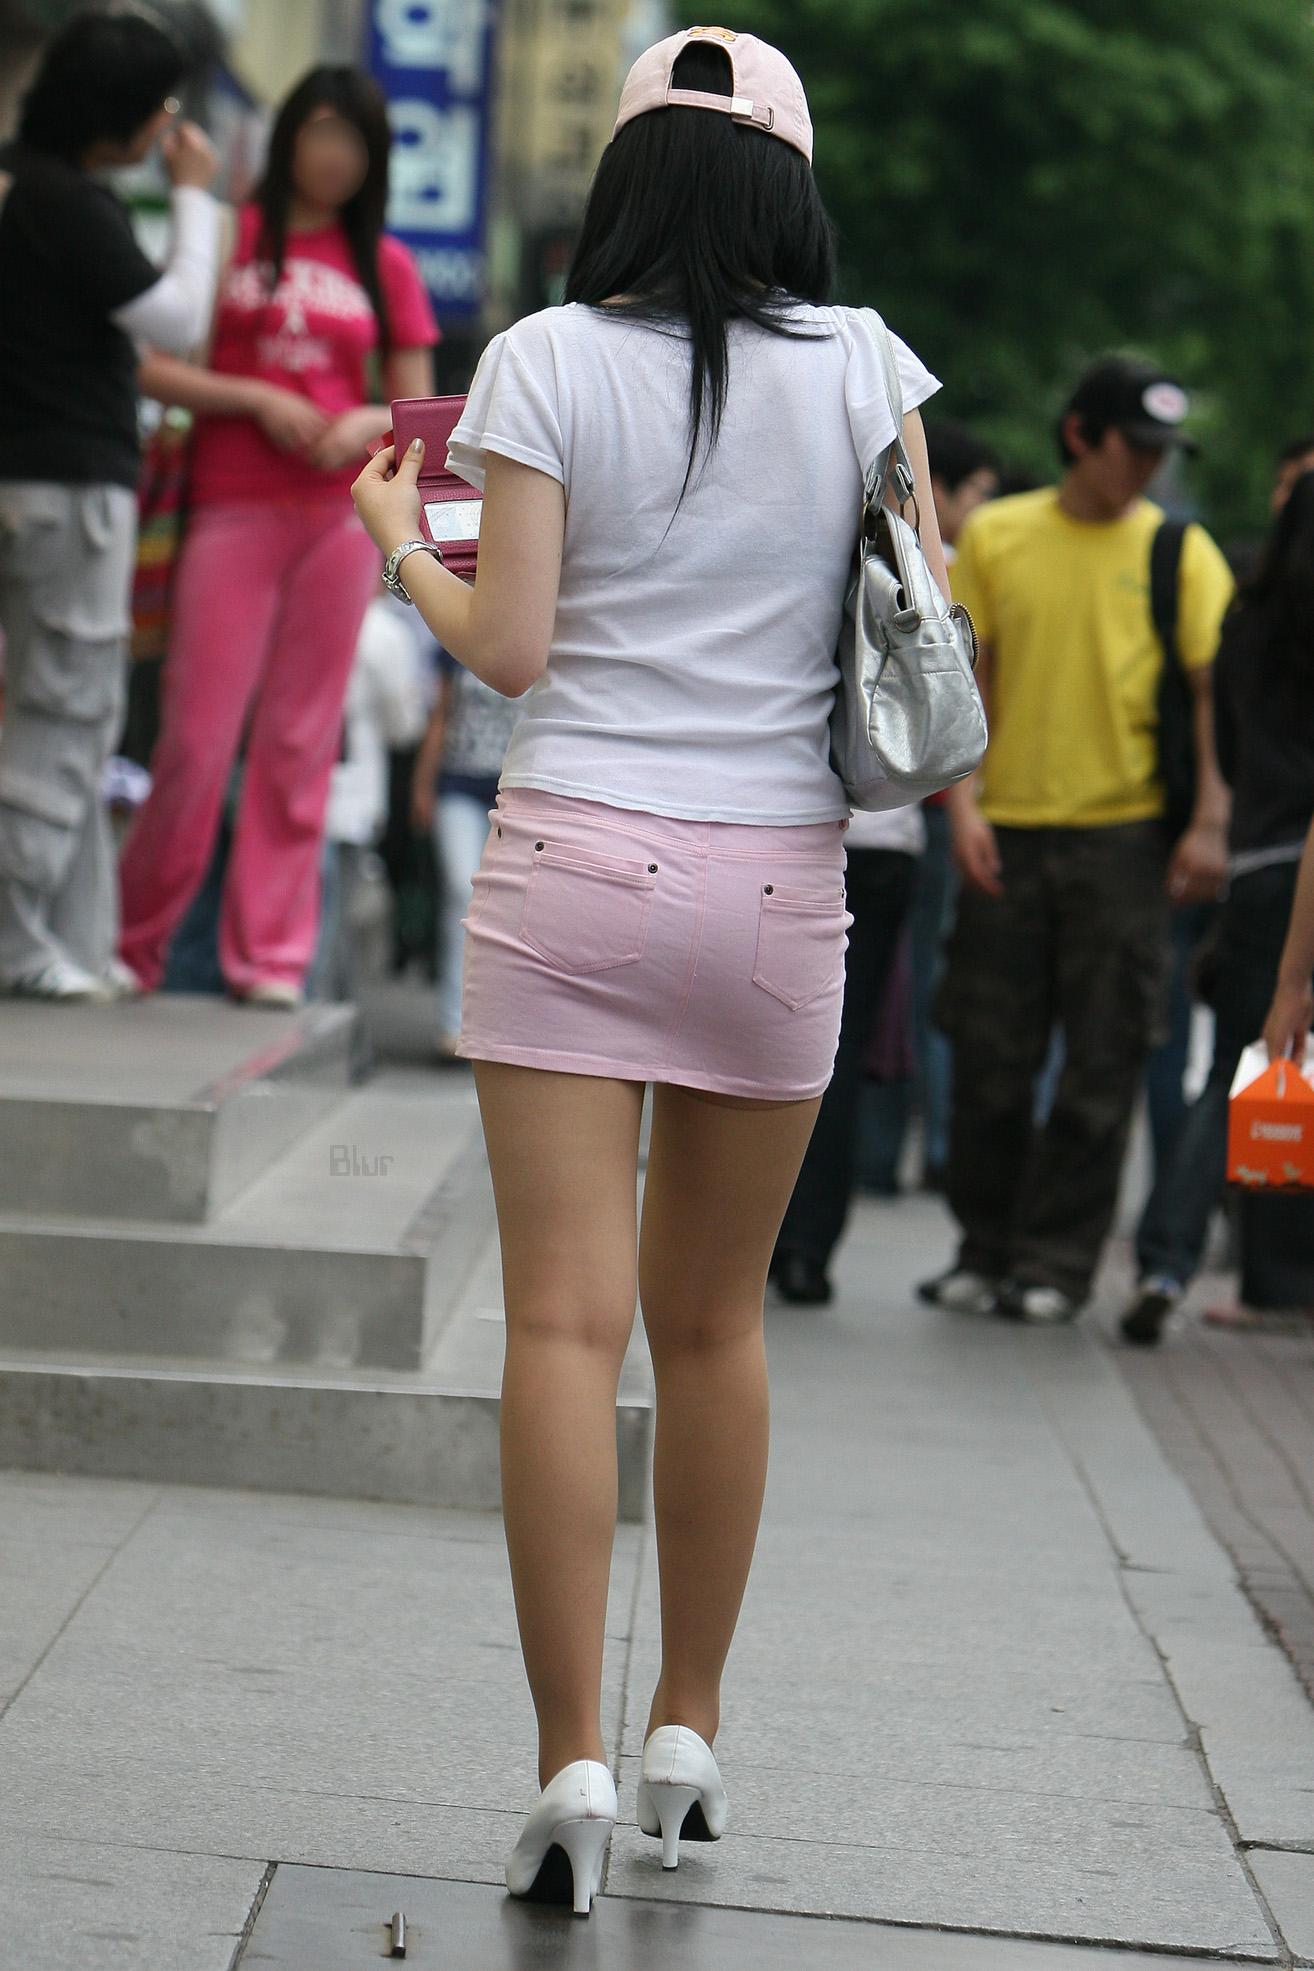 [ムチムチ]タイトスカートフェチ 日本人専用 3 [無断転載禁止]©bbspink.comYouTube動画>1本 ->画像>80枚